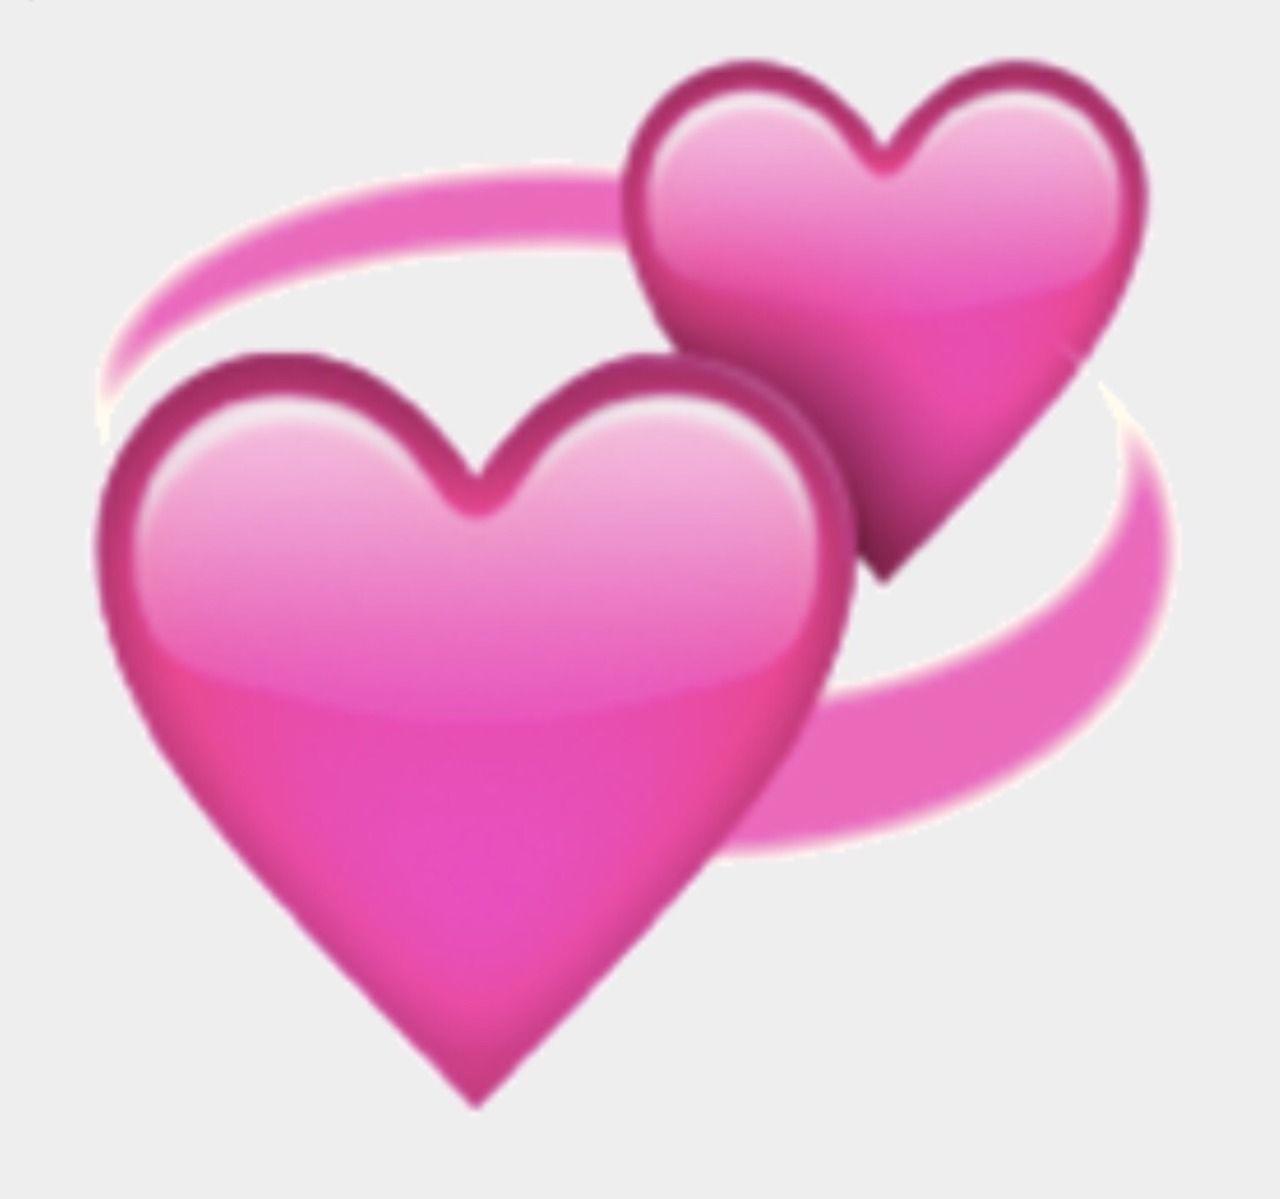 heart bow emoji - HD1280×1199